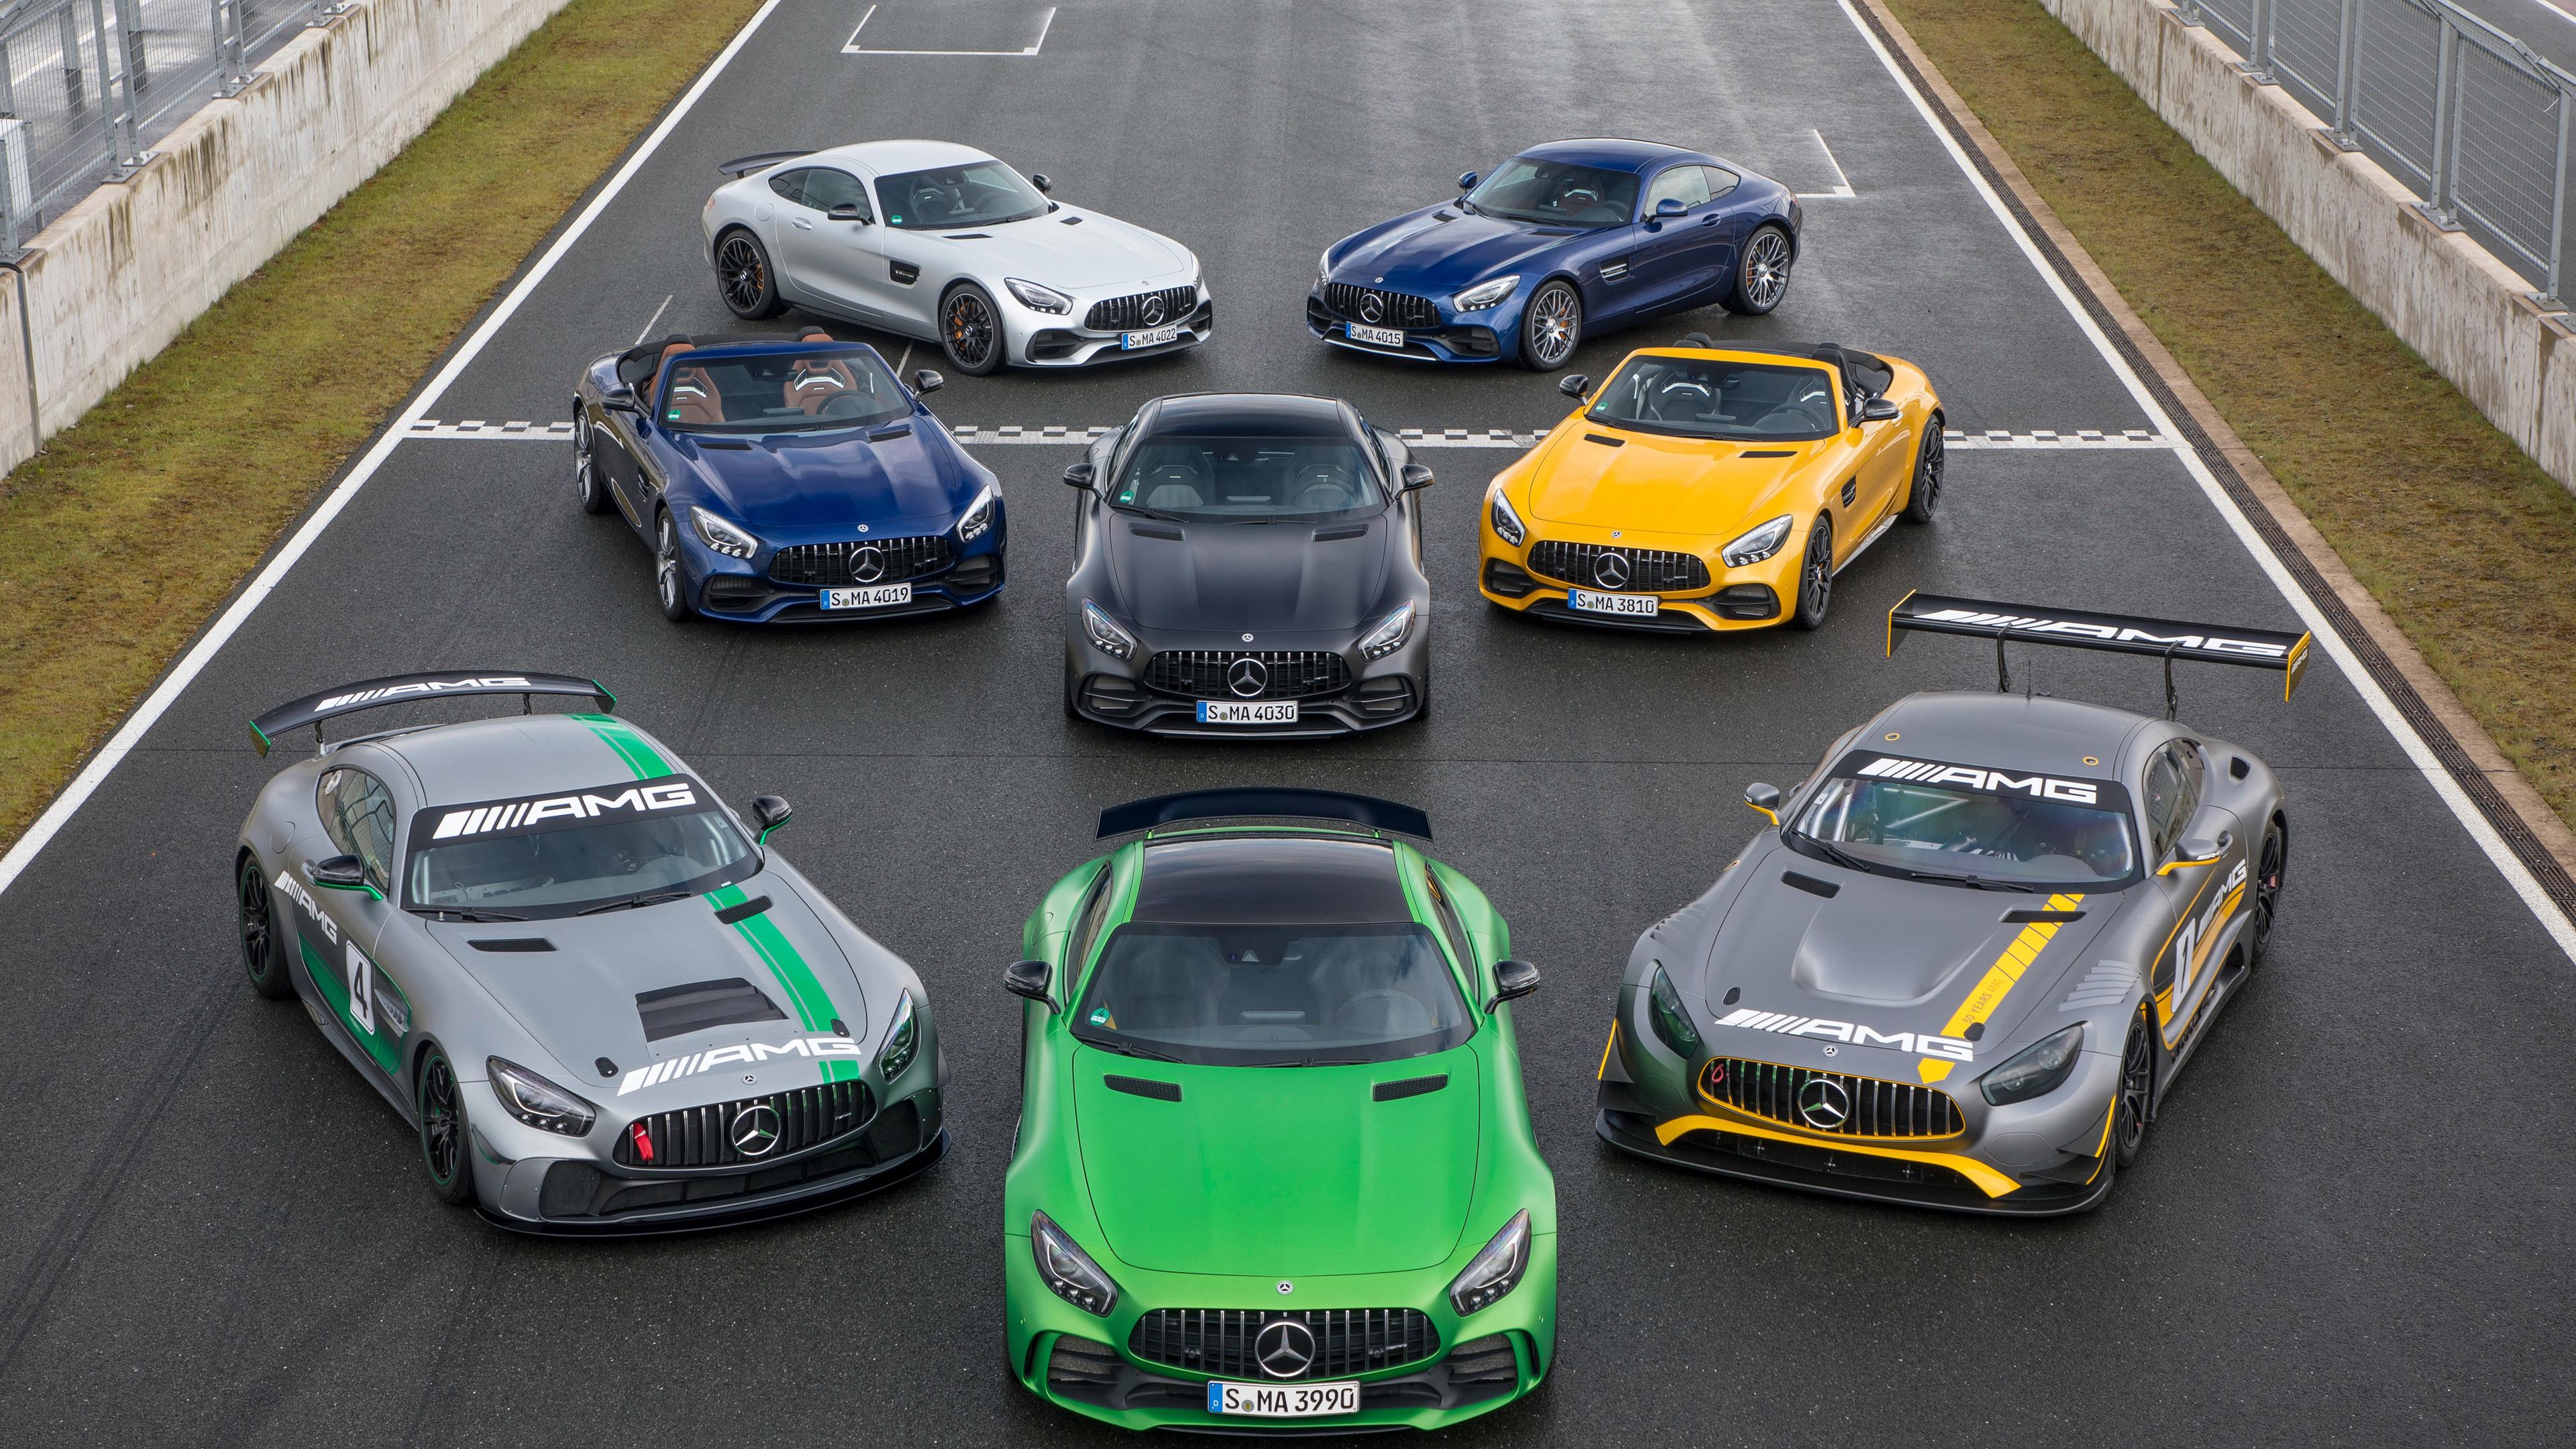 2048x2048 2018 Lamborghini Aventador Svj 4k Ipad Air Hd 4k: Mercedes Amg Gt Cars 4k Mercedes Wallpapers, Mercedes Amg